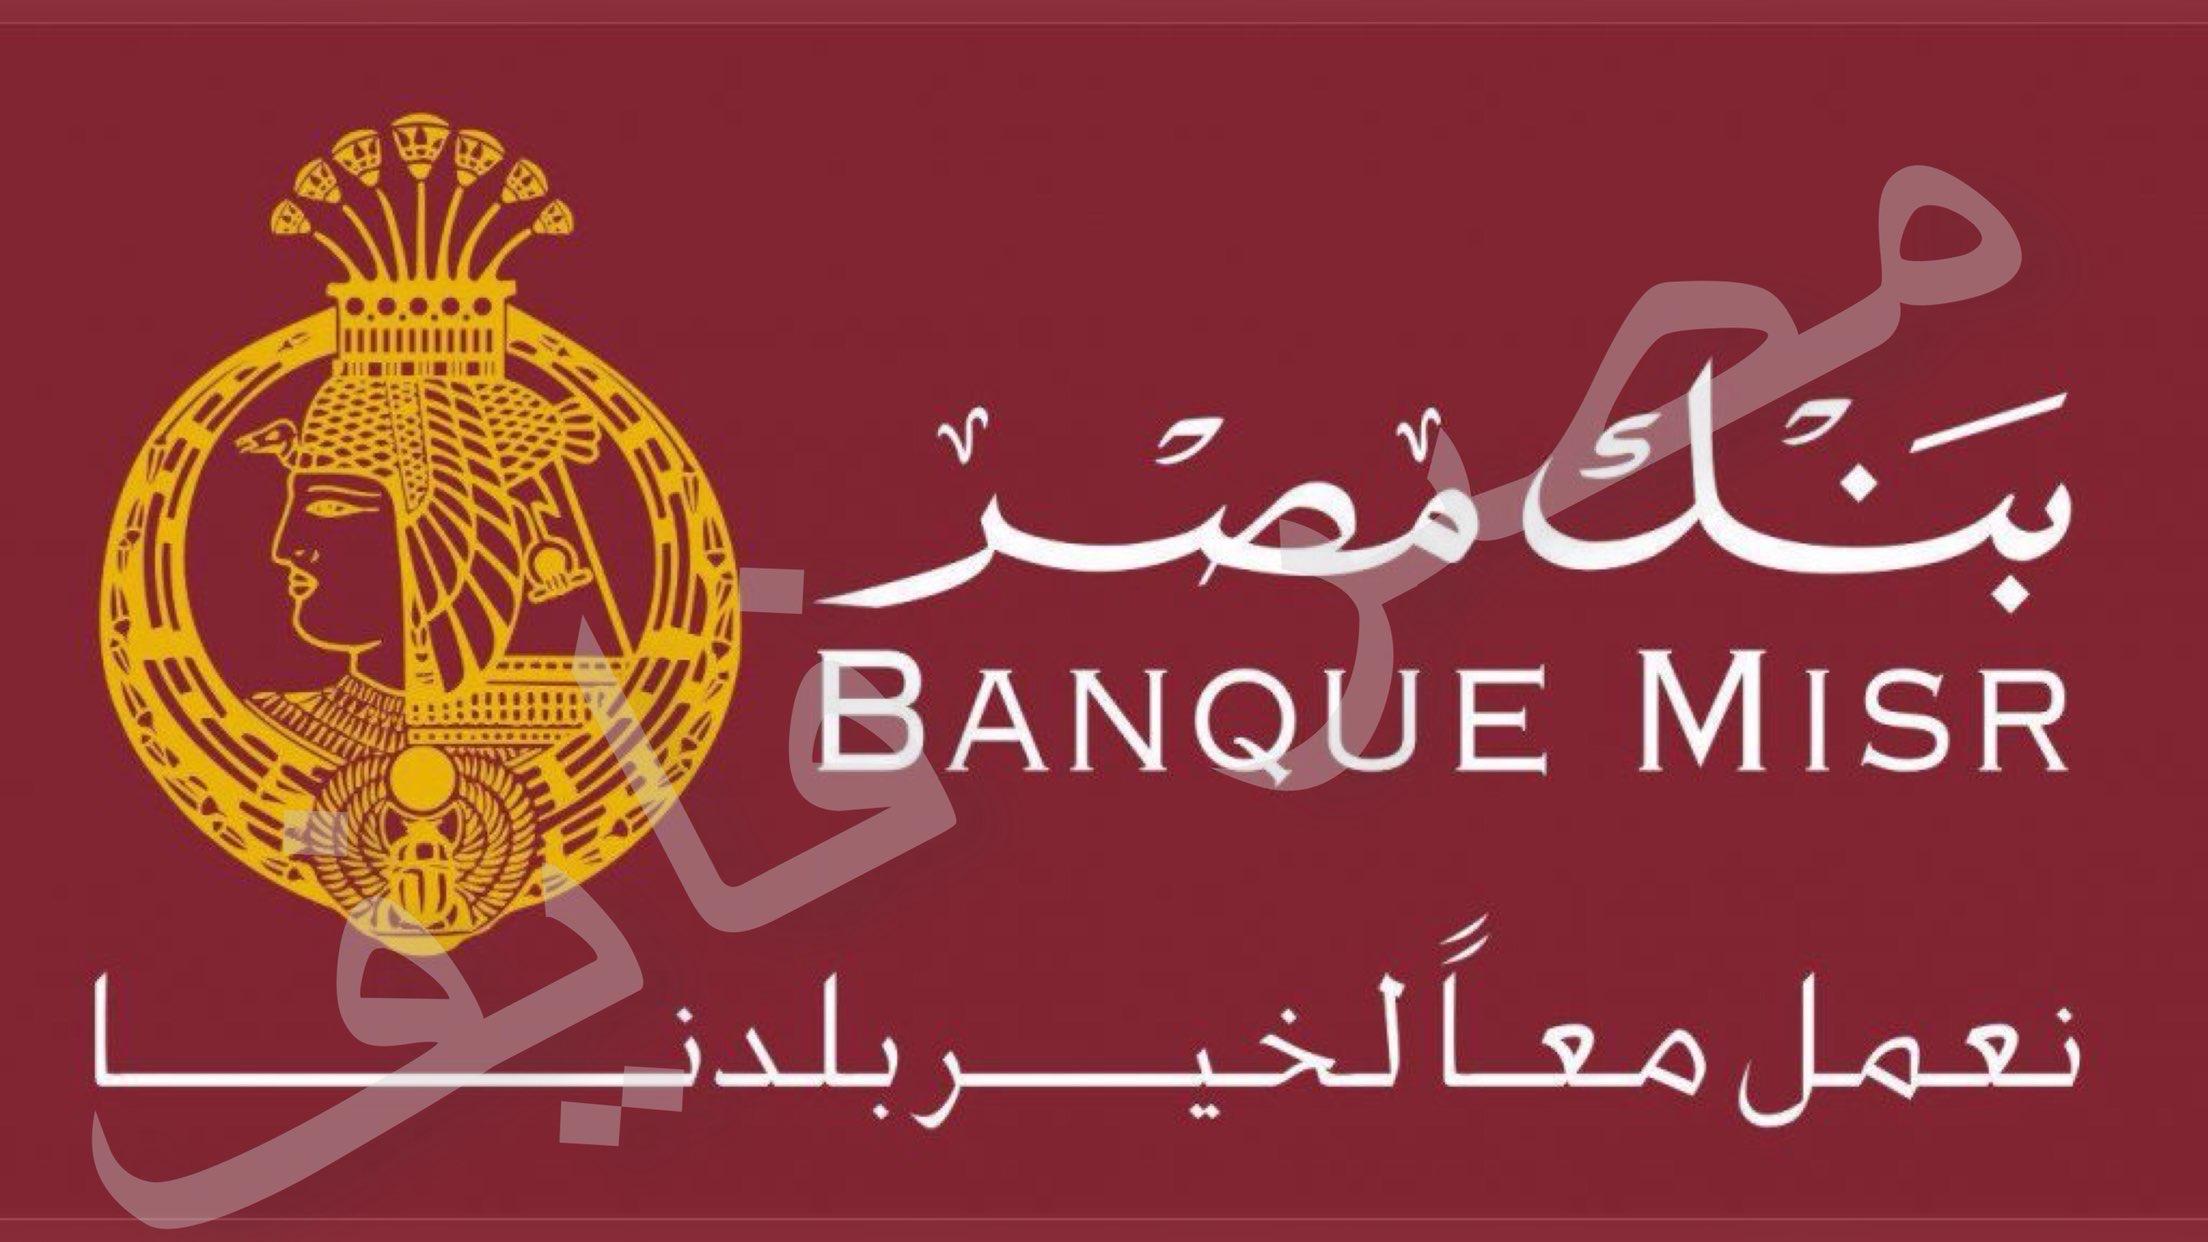 تعرف على 7 أنواع من شهادات استثمار بنك مصر بالجنيه والدولار 2021